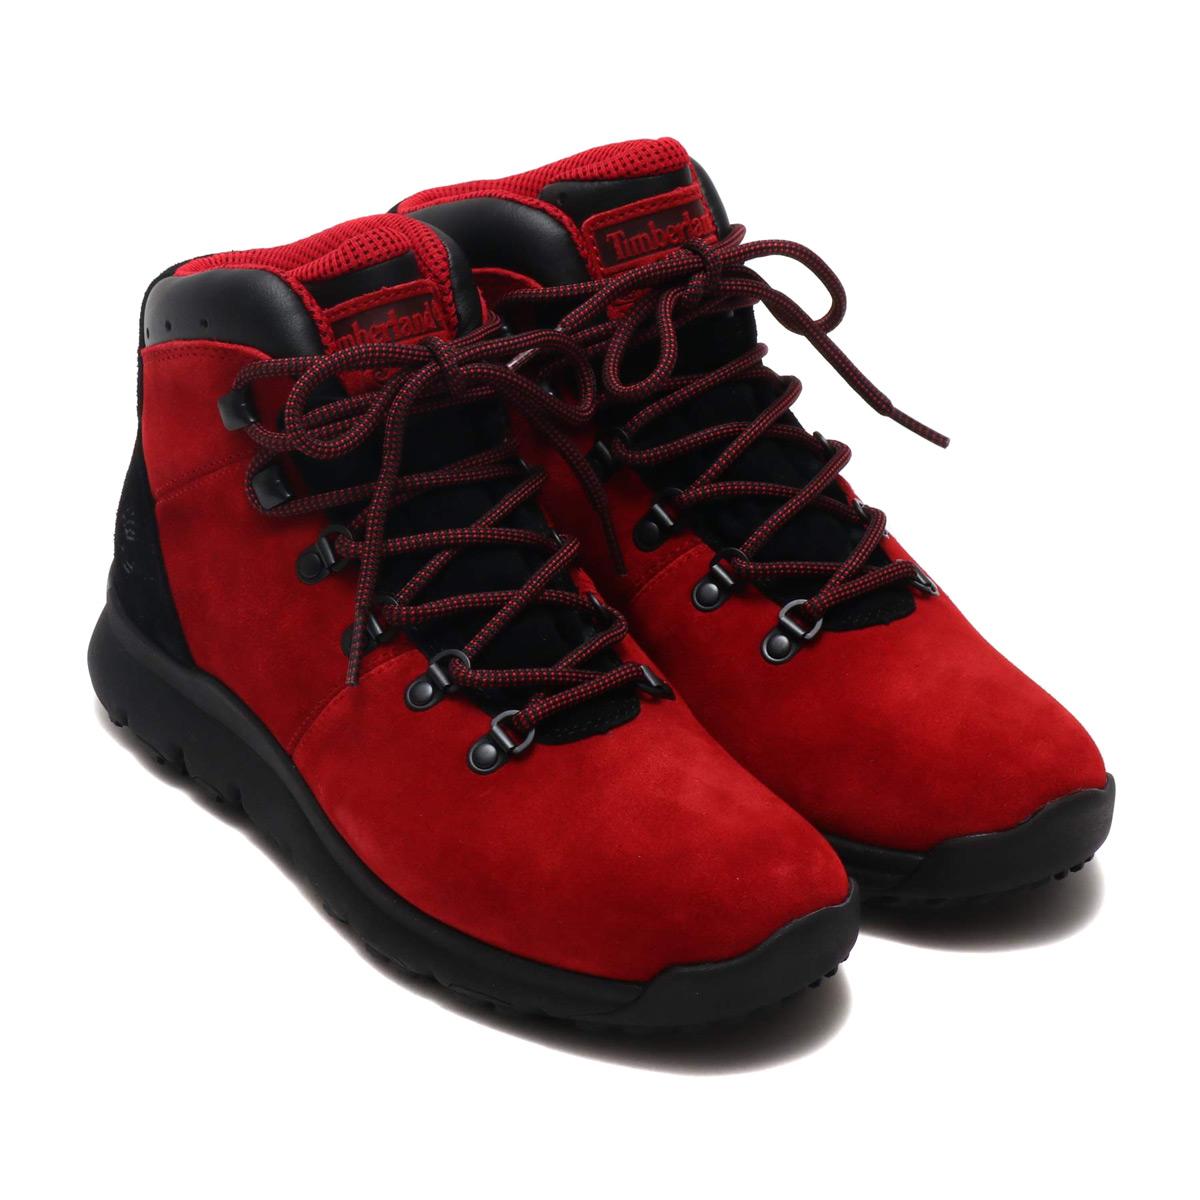 Timberland WORLD HIKER (ティンバーランド ワールド ハイカー)Medium Red Suede【メンズ ブーツ】18FA-I